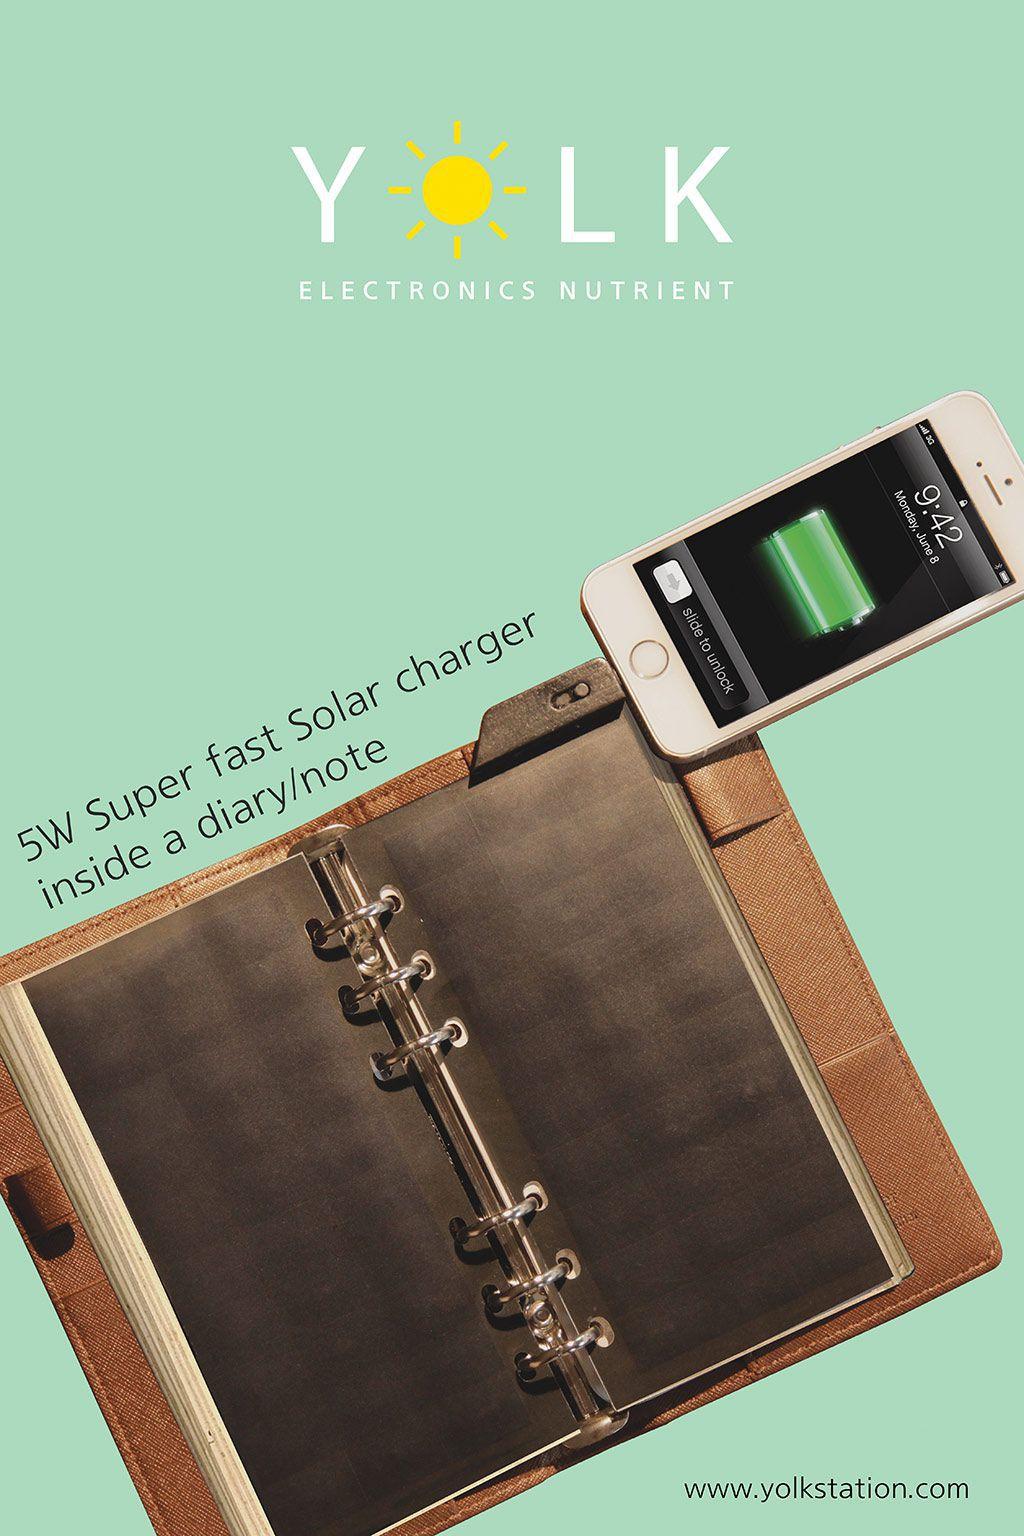 Solární baterie v zápisníku? Možná už brzy!